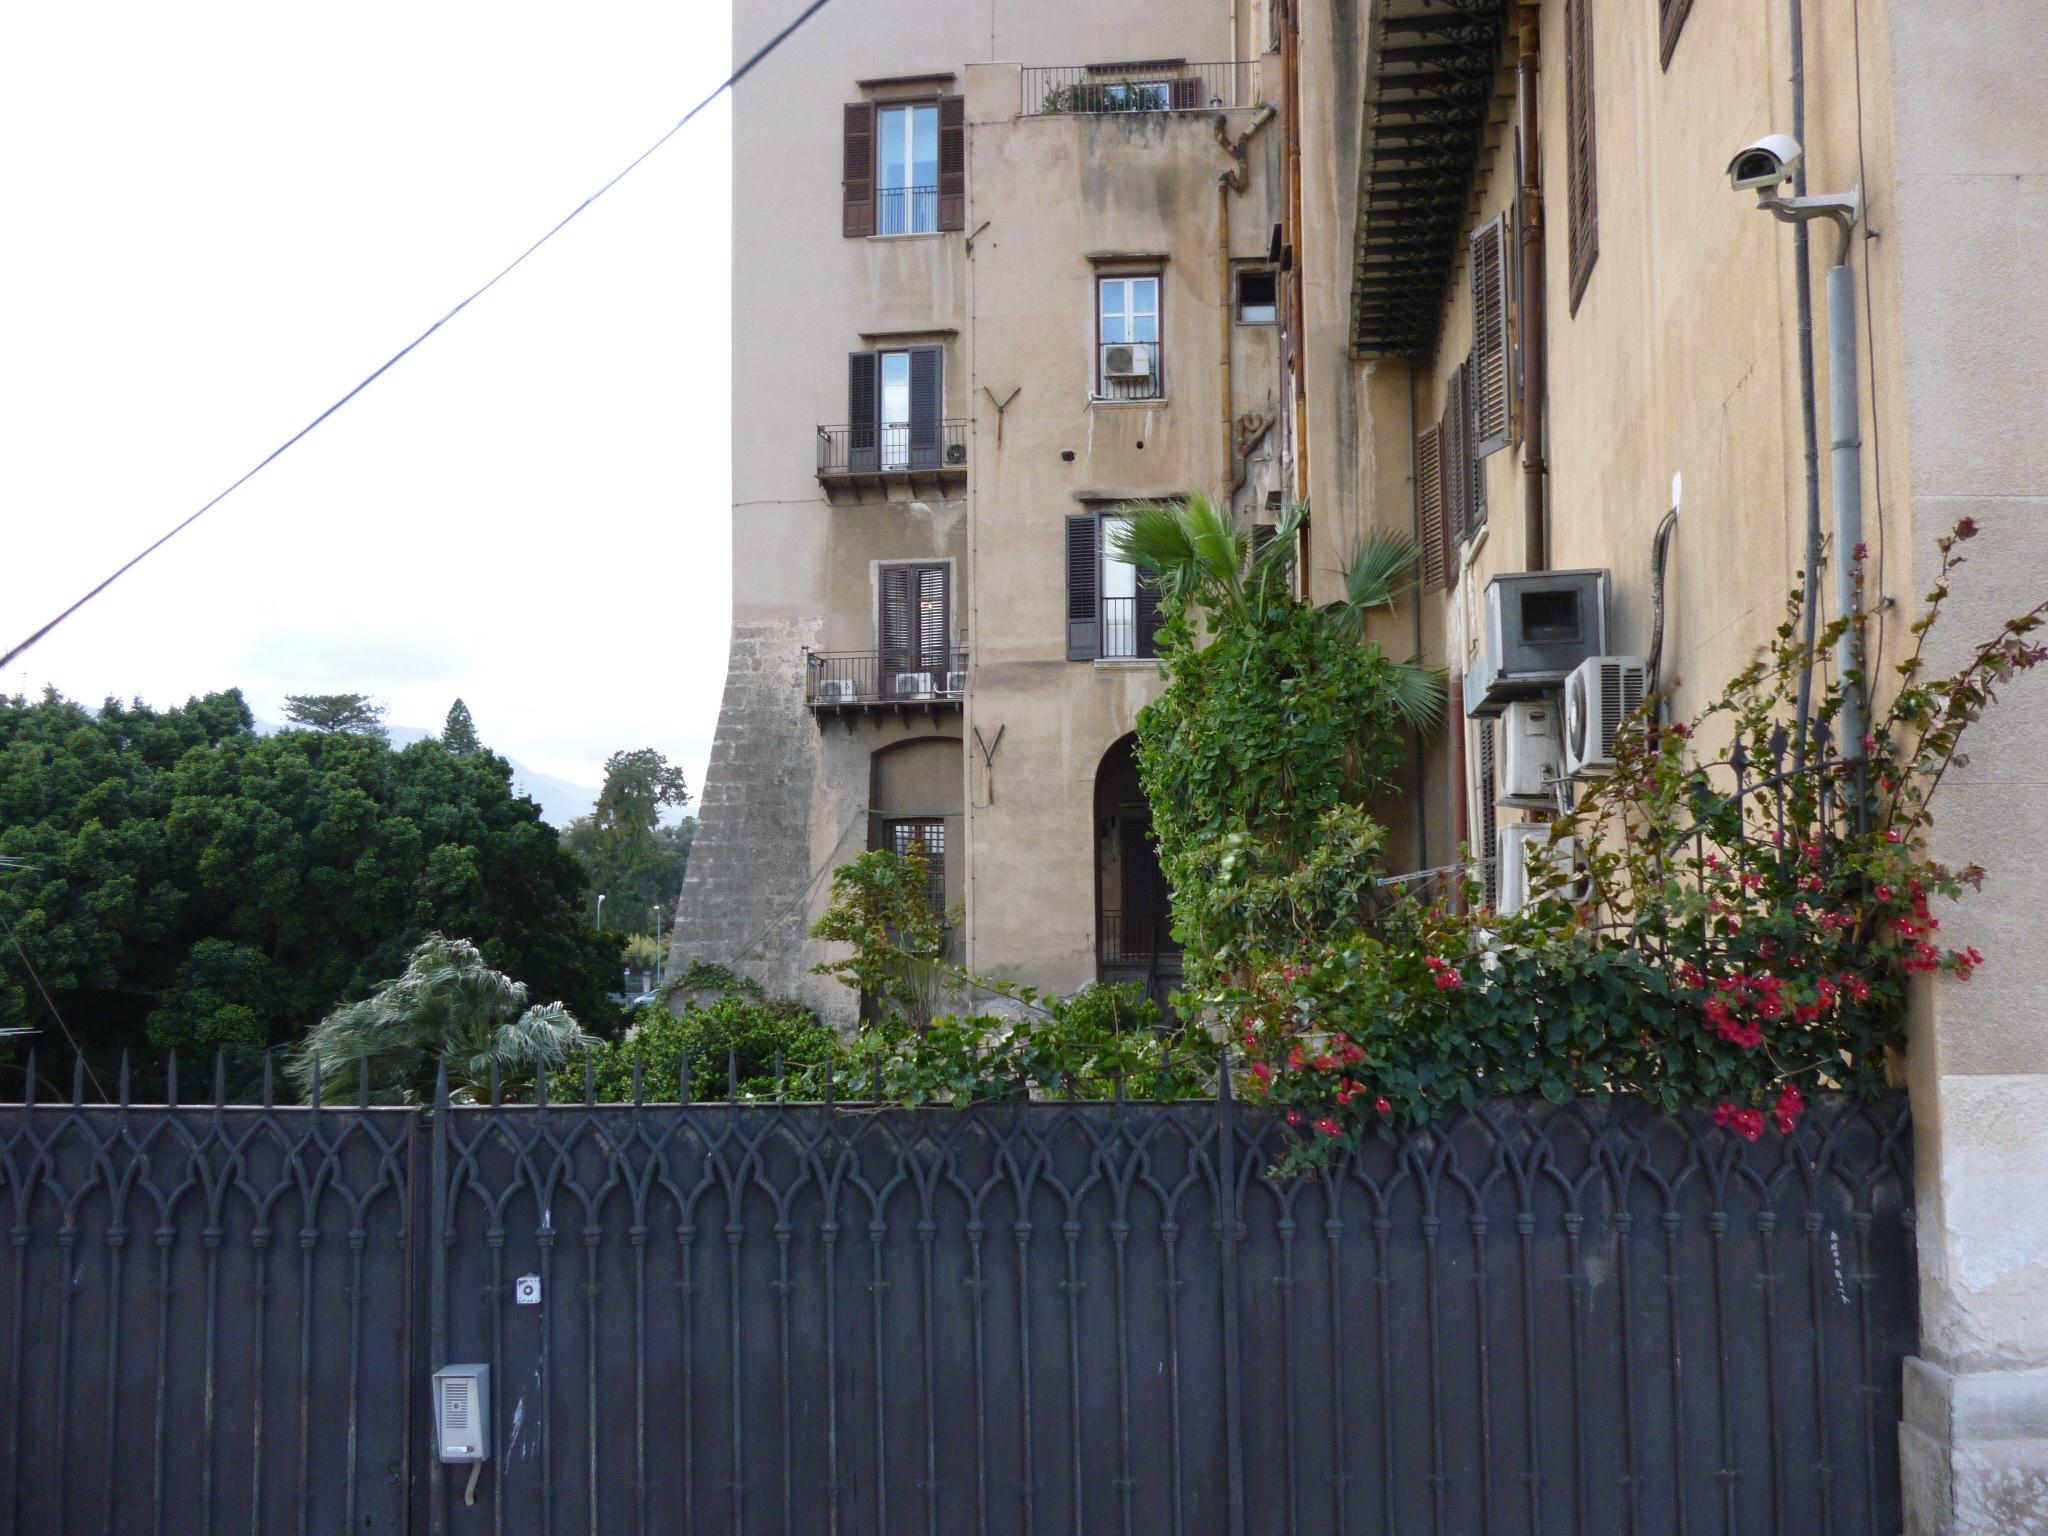 Palazzo reale locali a rischio sgombero per l 39 ex custode - Custode con alloggio ...